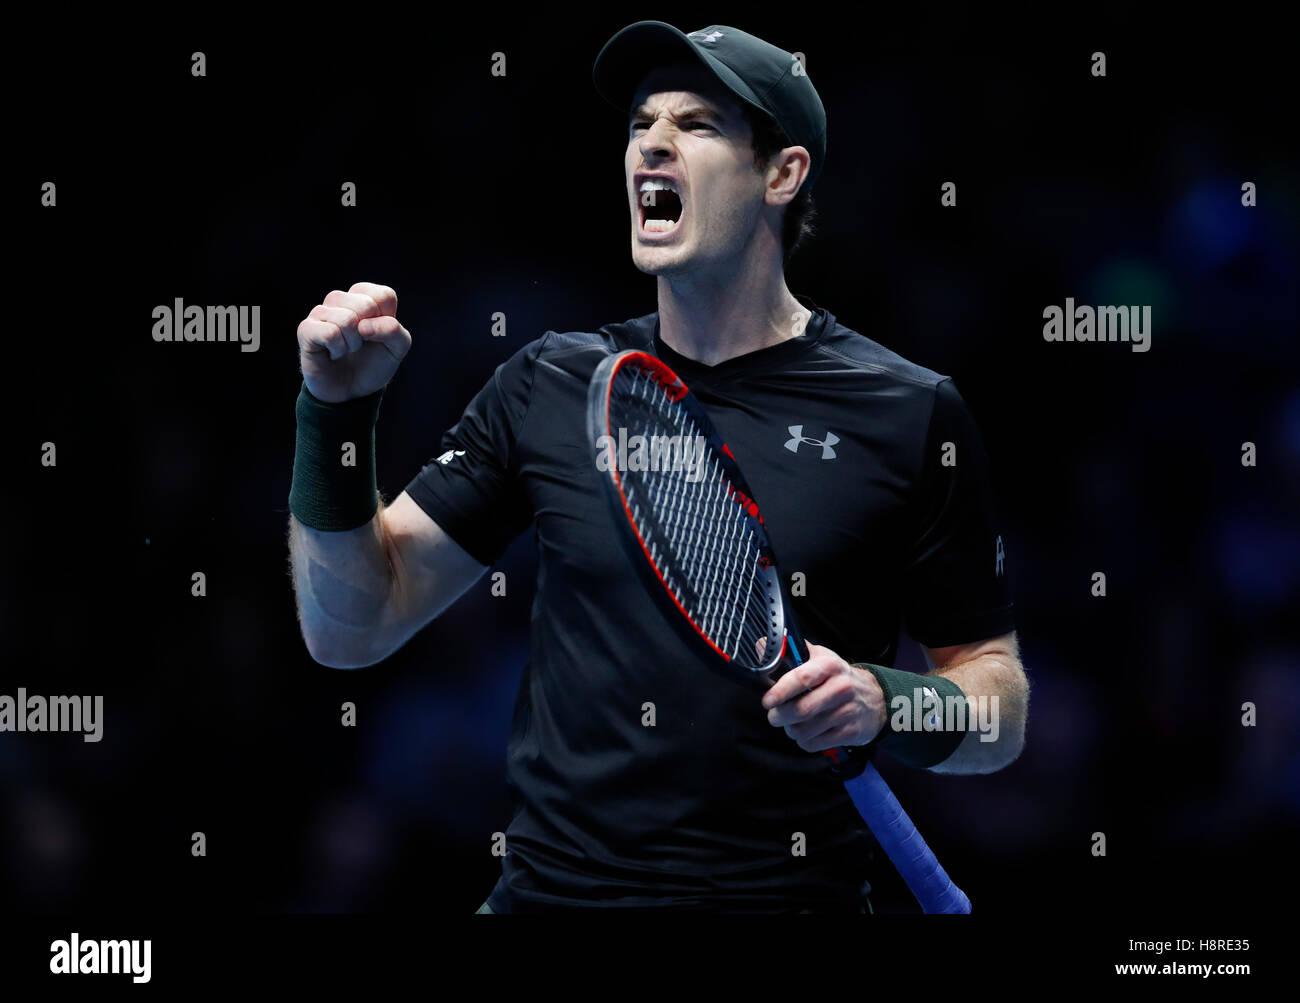 Londra, Gran Bretagna. Xvi Nov, 2016. Andy Murray della Gran Bretagna reagisce nel gruppo corrispondono con Kei Immagini Stock